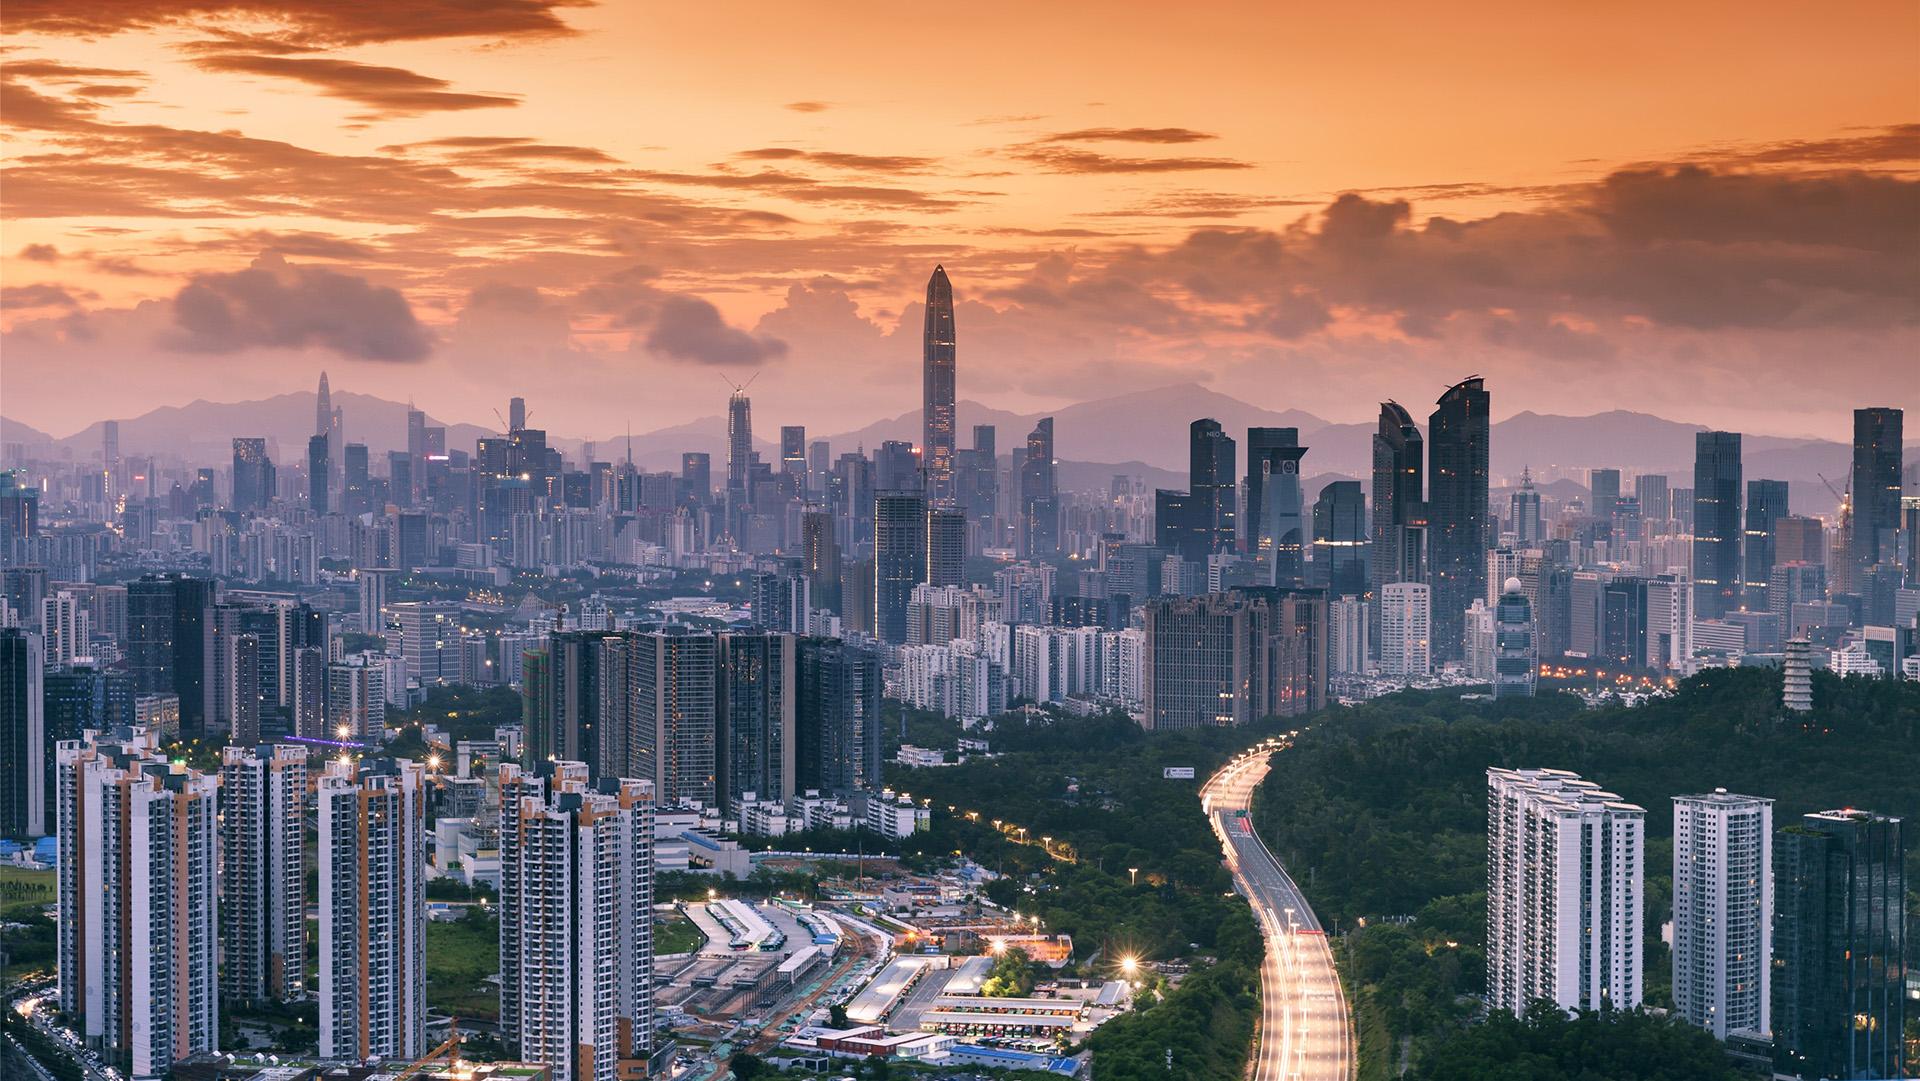 深圳未来要怎么做,才能继续保持优势?我们期待您的锦囊妙计!